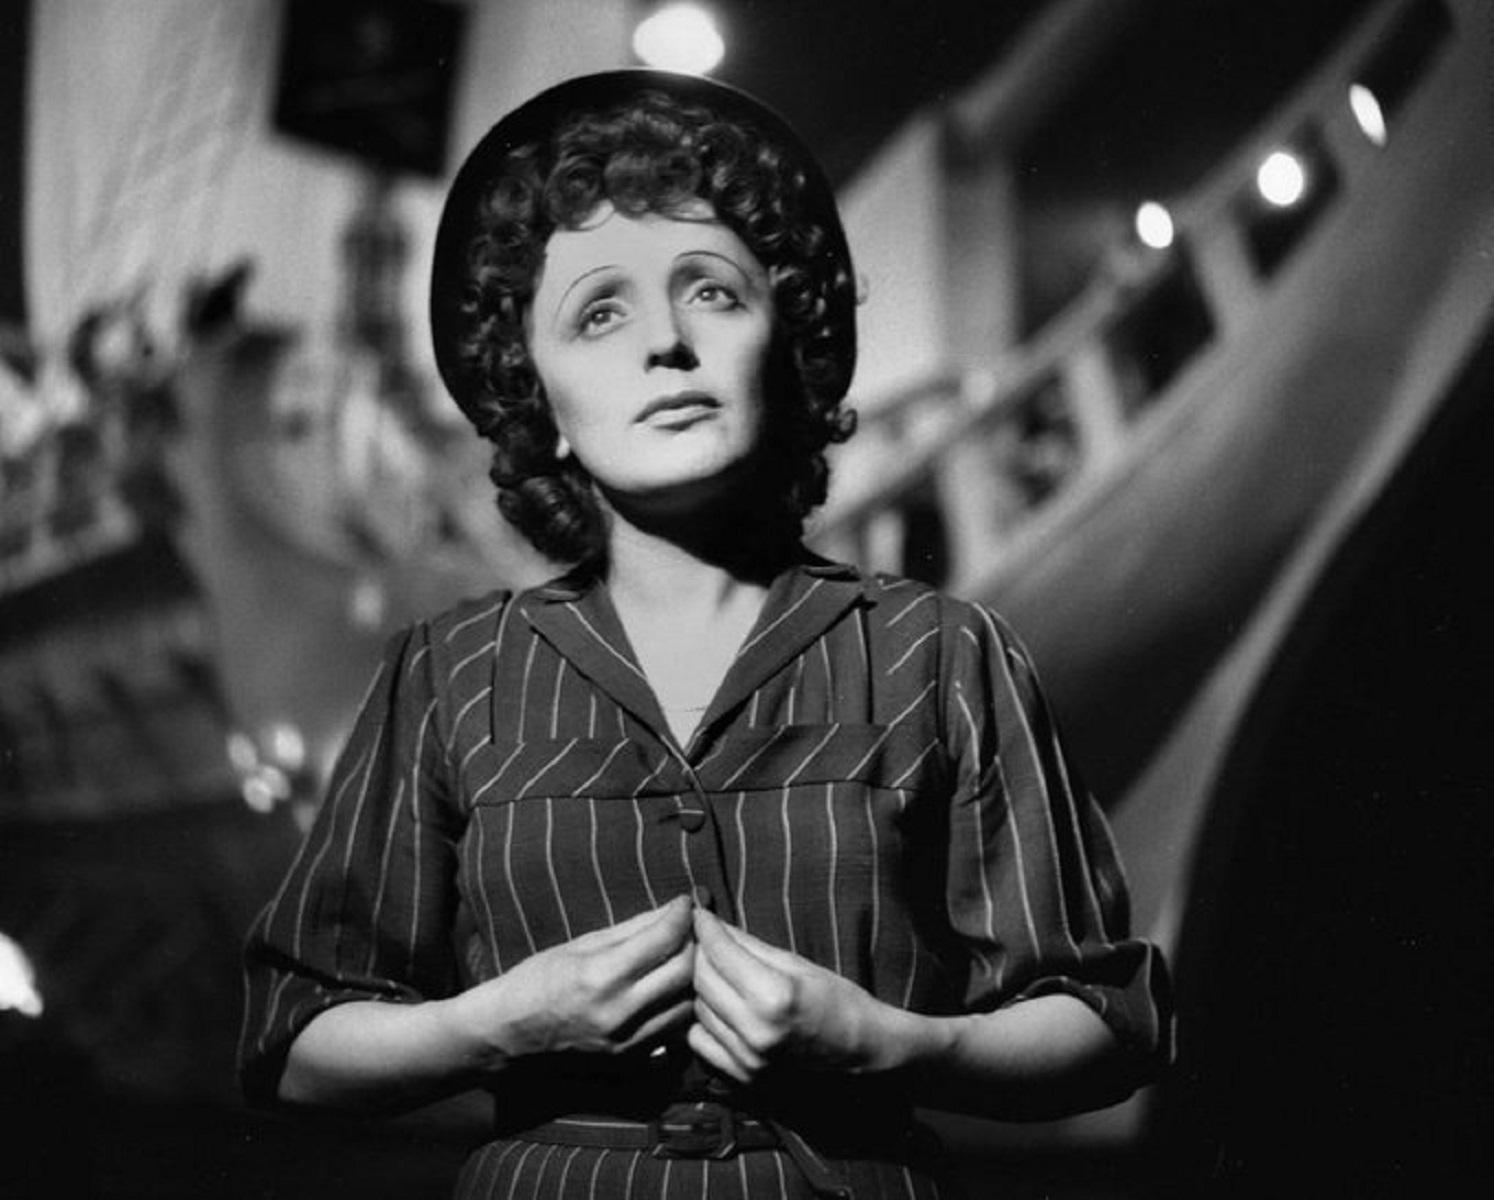 Αποτέλεσμα εικόνας για Piaf - Μια ζωή στο φως και στην σκιά στο Christmas Theater